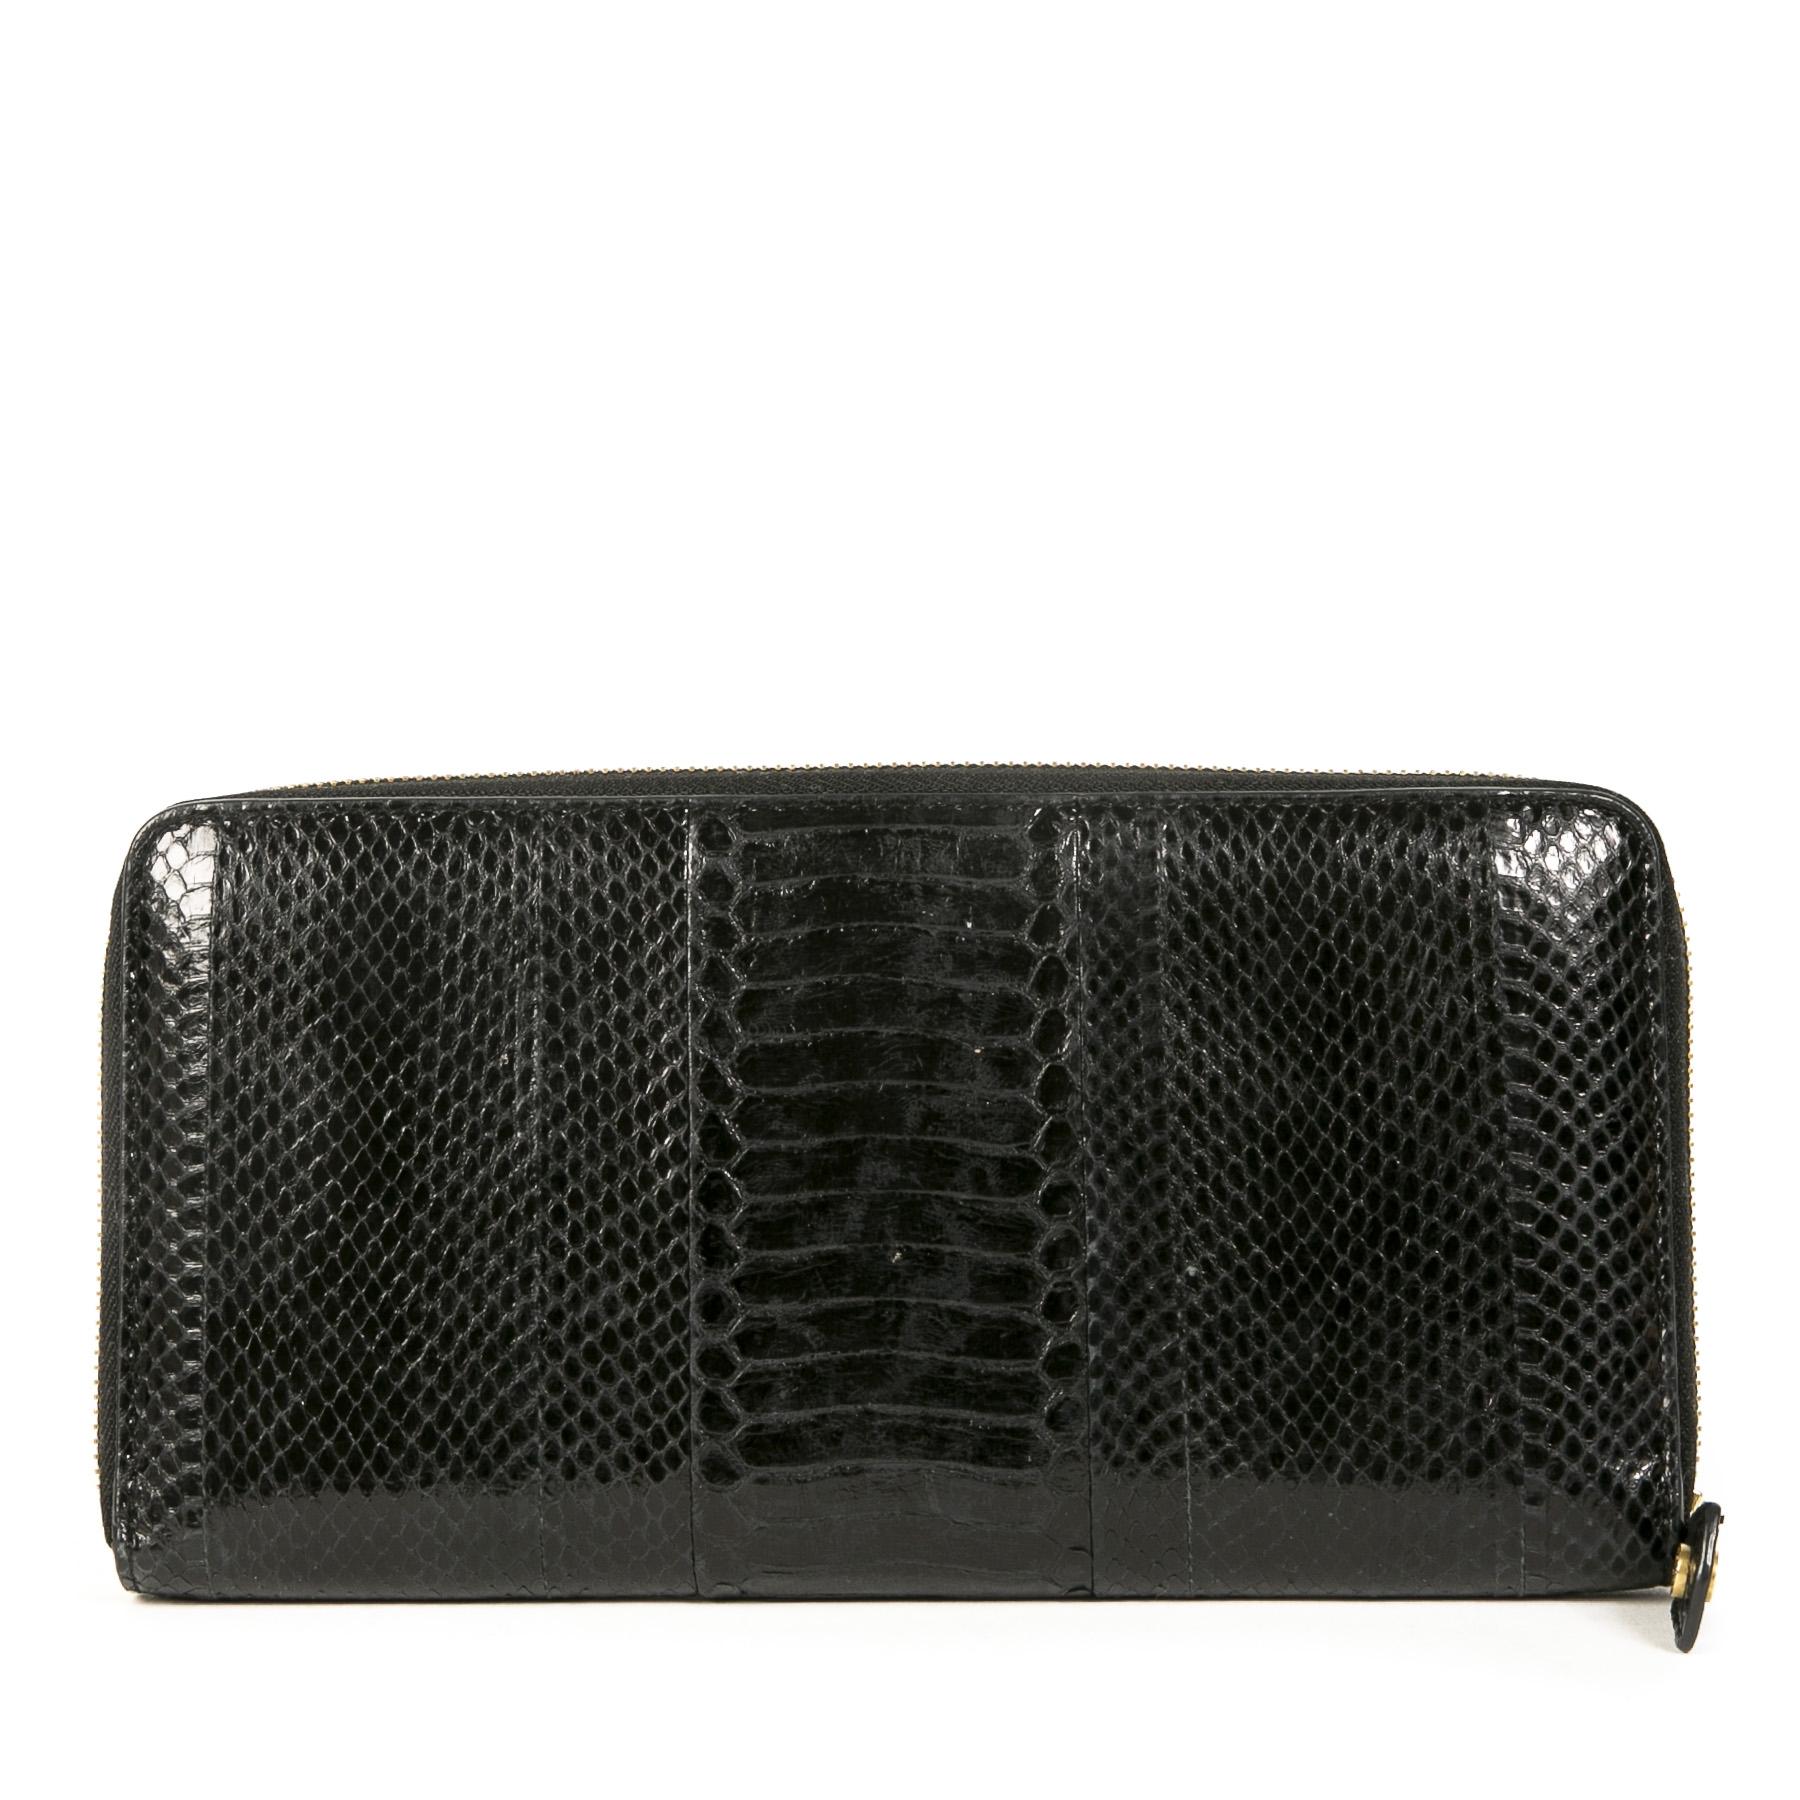 Authentieke Tweedehands Jimmy Choo Black Python Embossed Leather Clutch juiste prijs veilig online shoppen luxe merken webshop winkelen Antwerpen België mode fashion